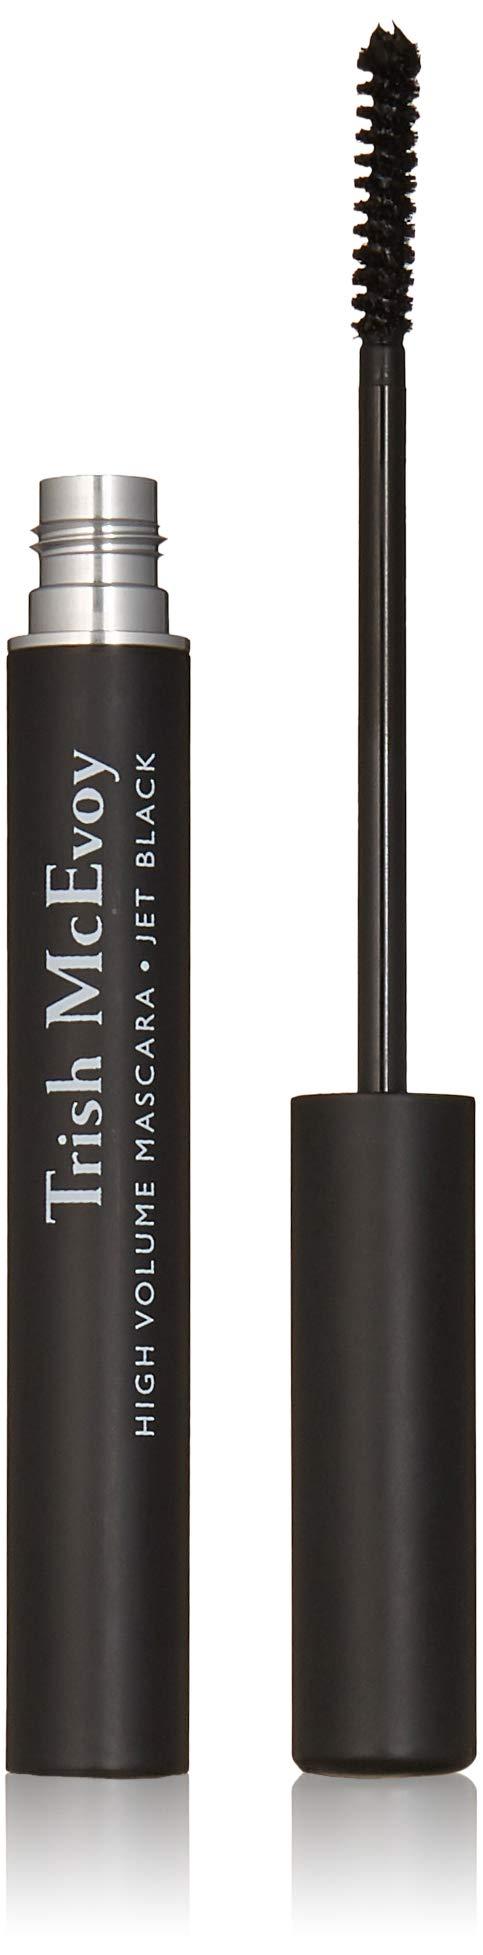 Trish McEvoy High Volume Mascara - Jet Black 0.18oz (5g) by Trish McEvoy